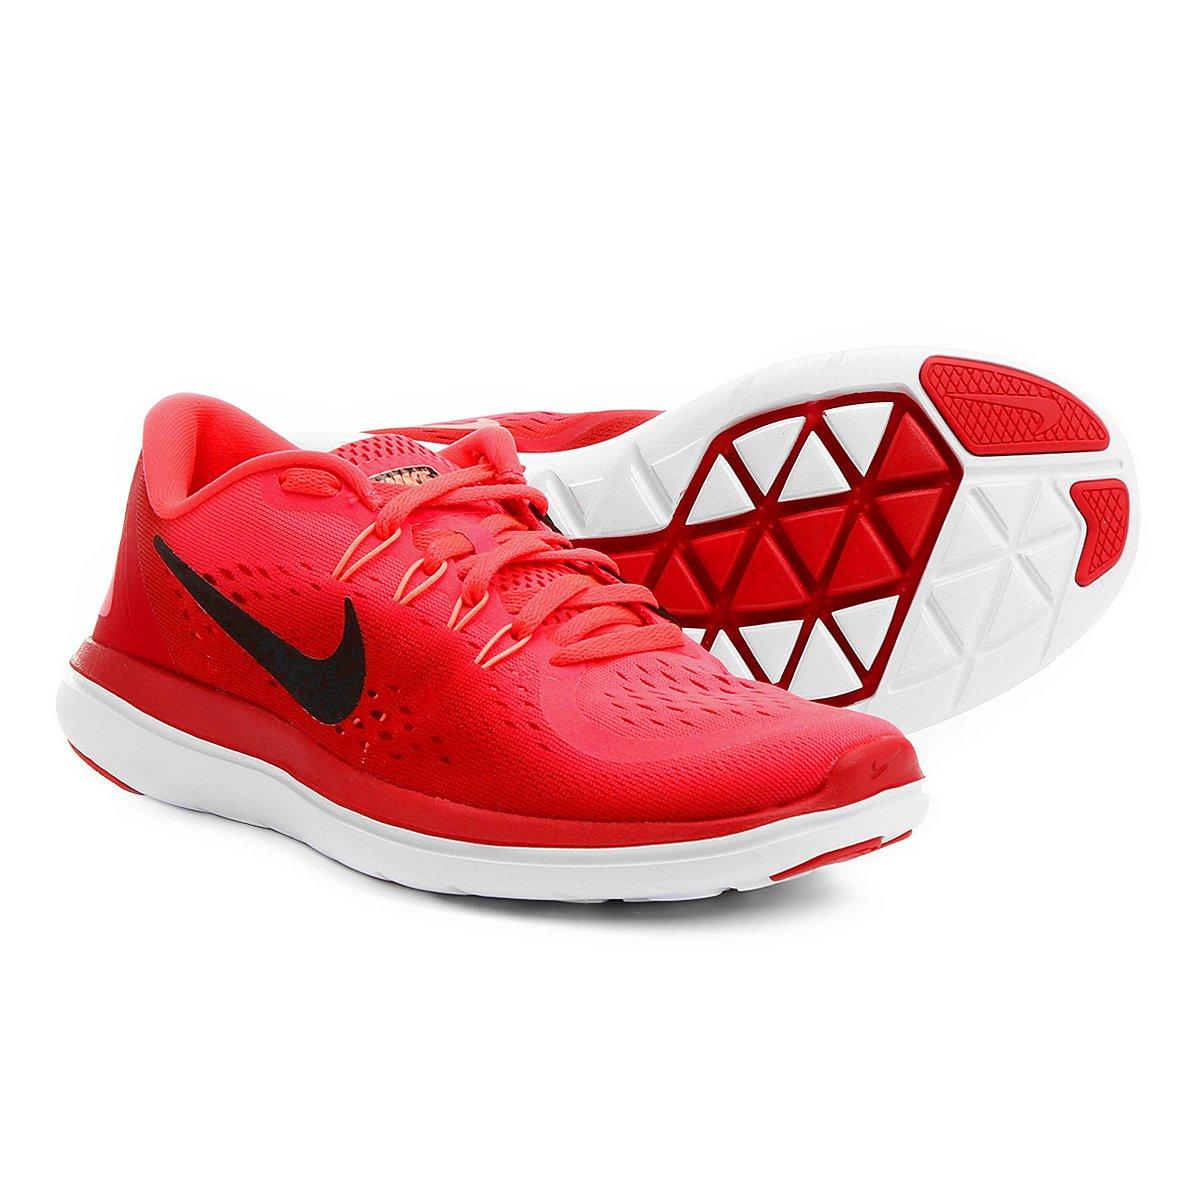 Tênis Nike Agora Flex 2018 RN Feminino Compre Agora Nike Shop Timão d7ee03 386d7760705ba